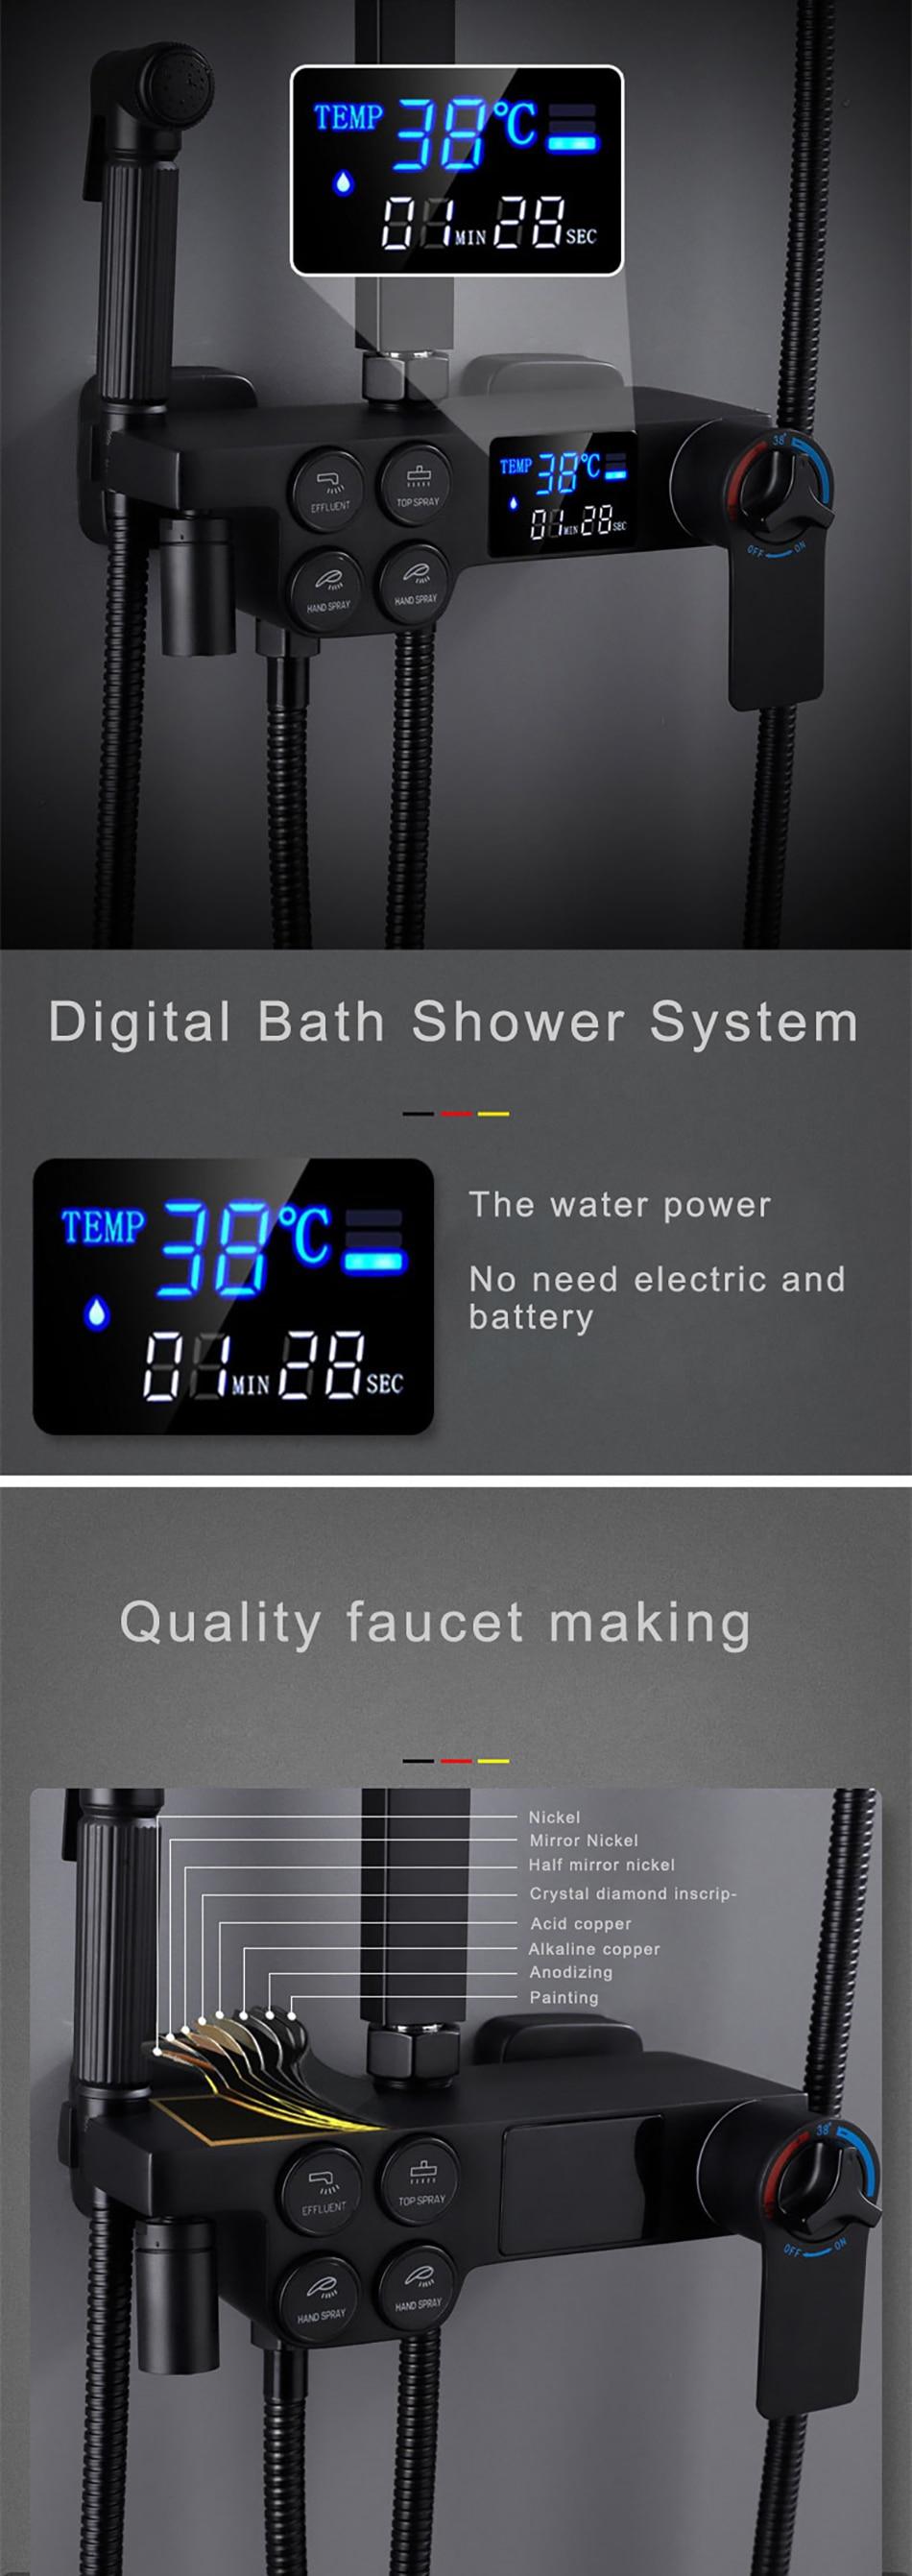 H8a9a61218e774d2cbb0f0691eb7e4ddct Hot and Cold Digital Shower Set Faucet Bathroom Shower System Black Gold Shower Faucet Square Shower Head Bath Shower System